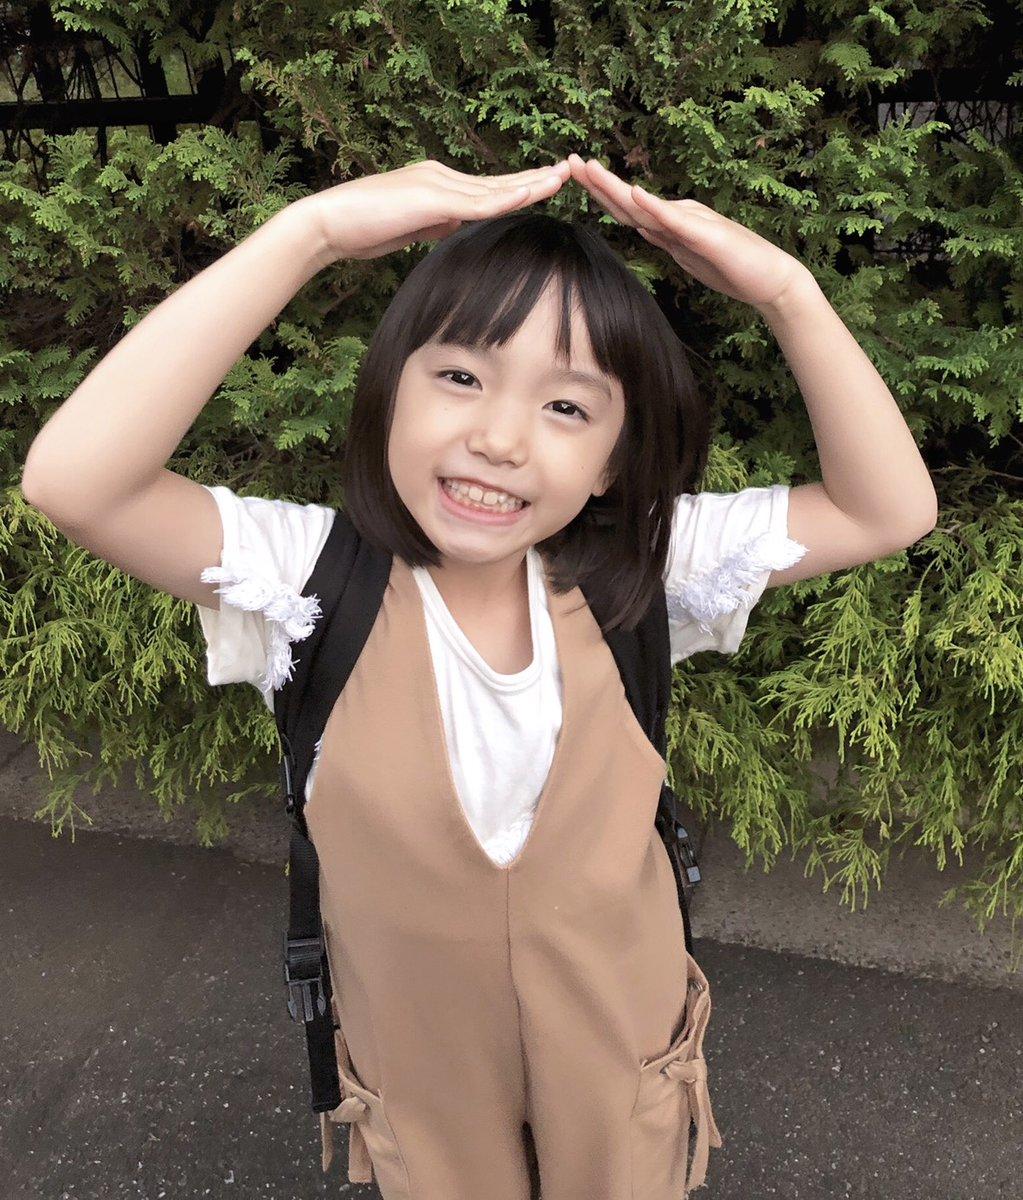 稲垣来泉の画像 p1_36